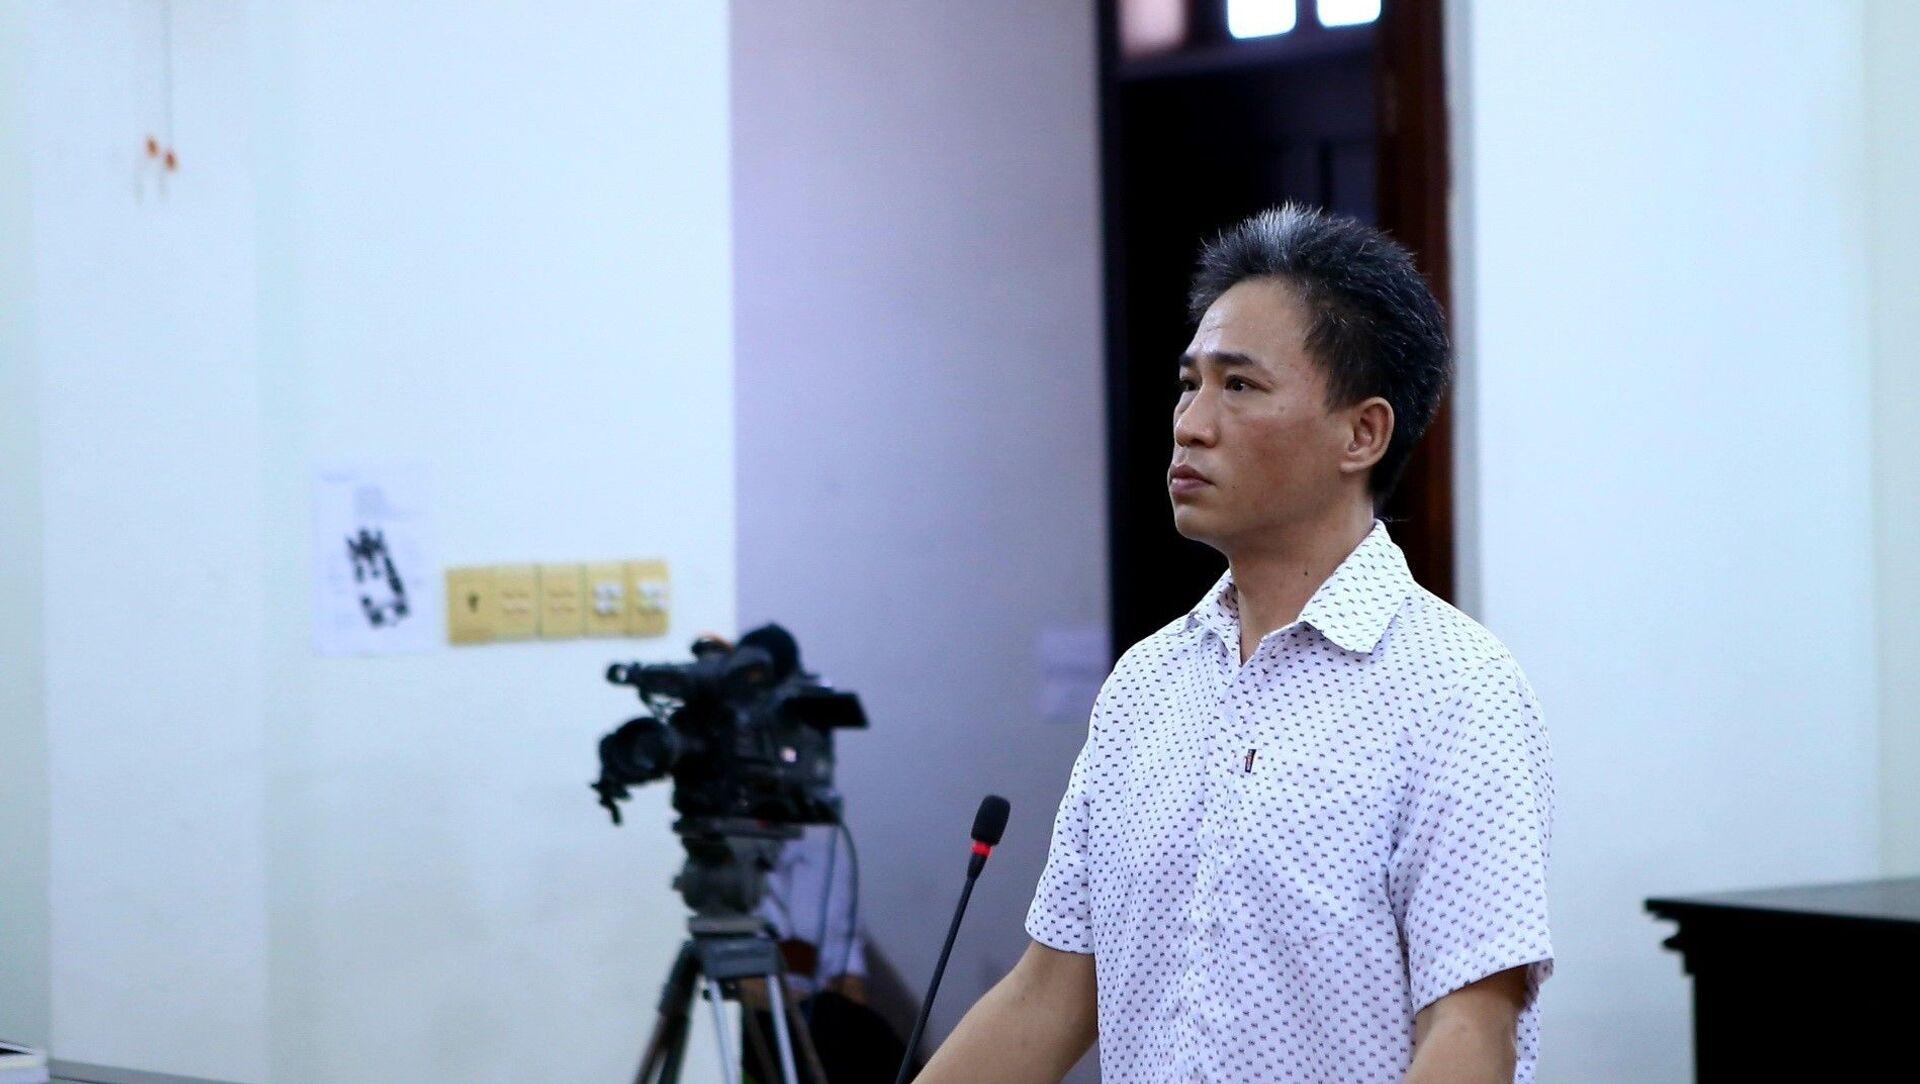 Bị cáo Quách Duy bị tuyên phạt 4 năm 6 tháng tù. - Sputnik Việt Nam, 1920, 15.04.2021